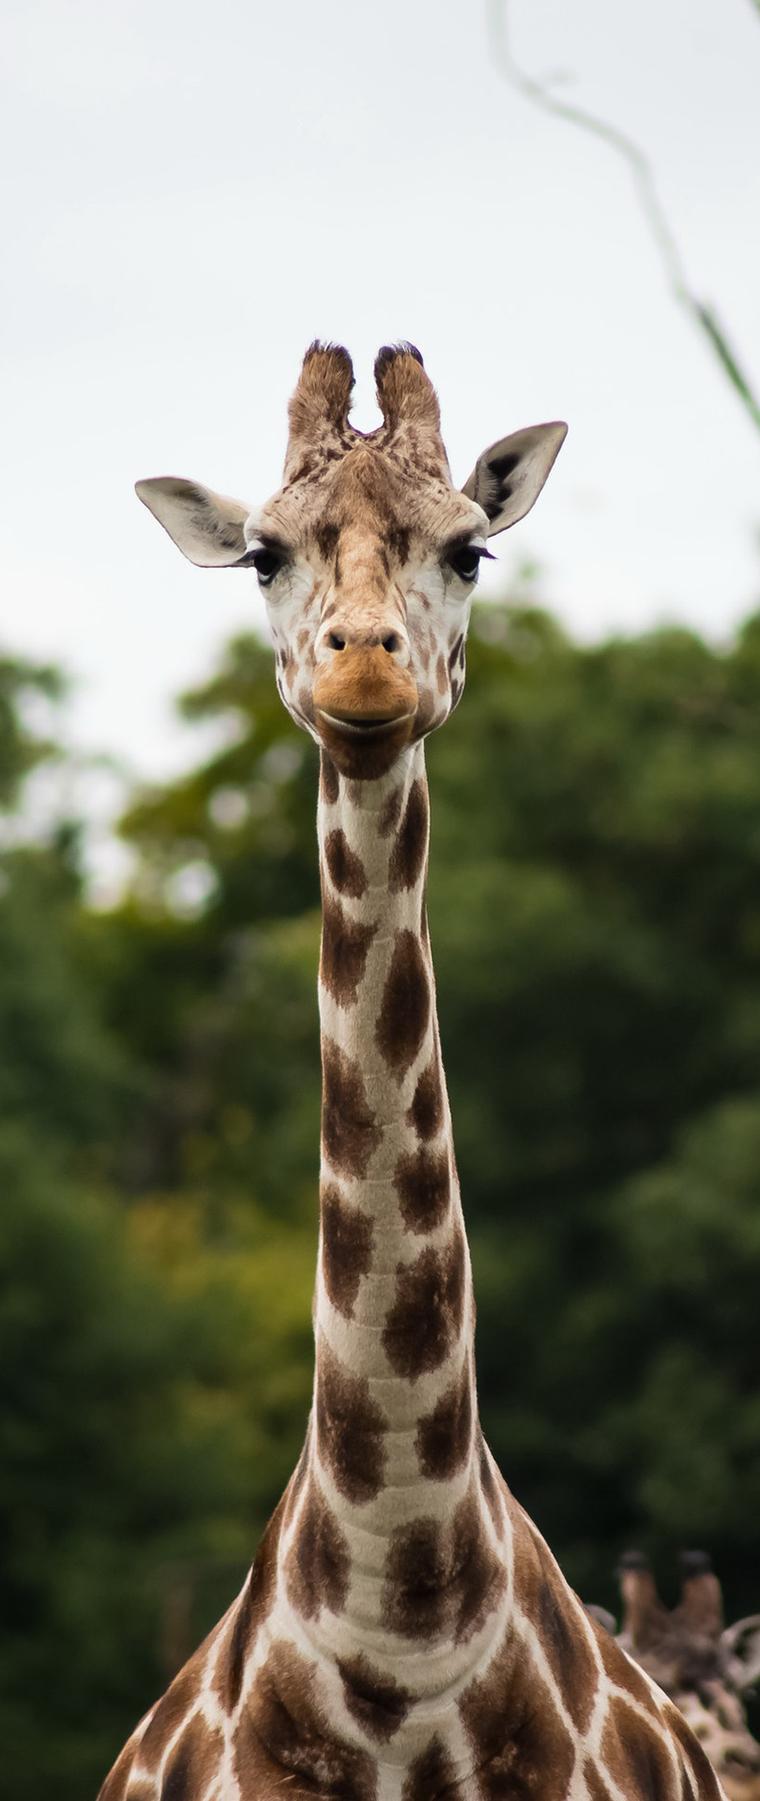 Africa Group Safaris